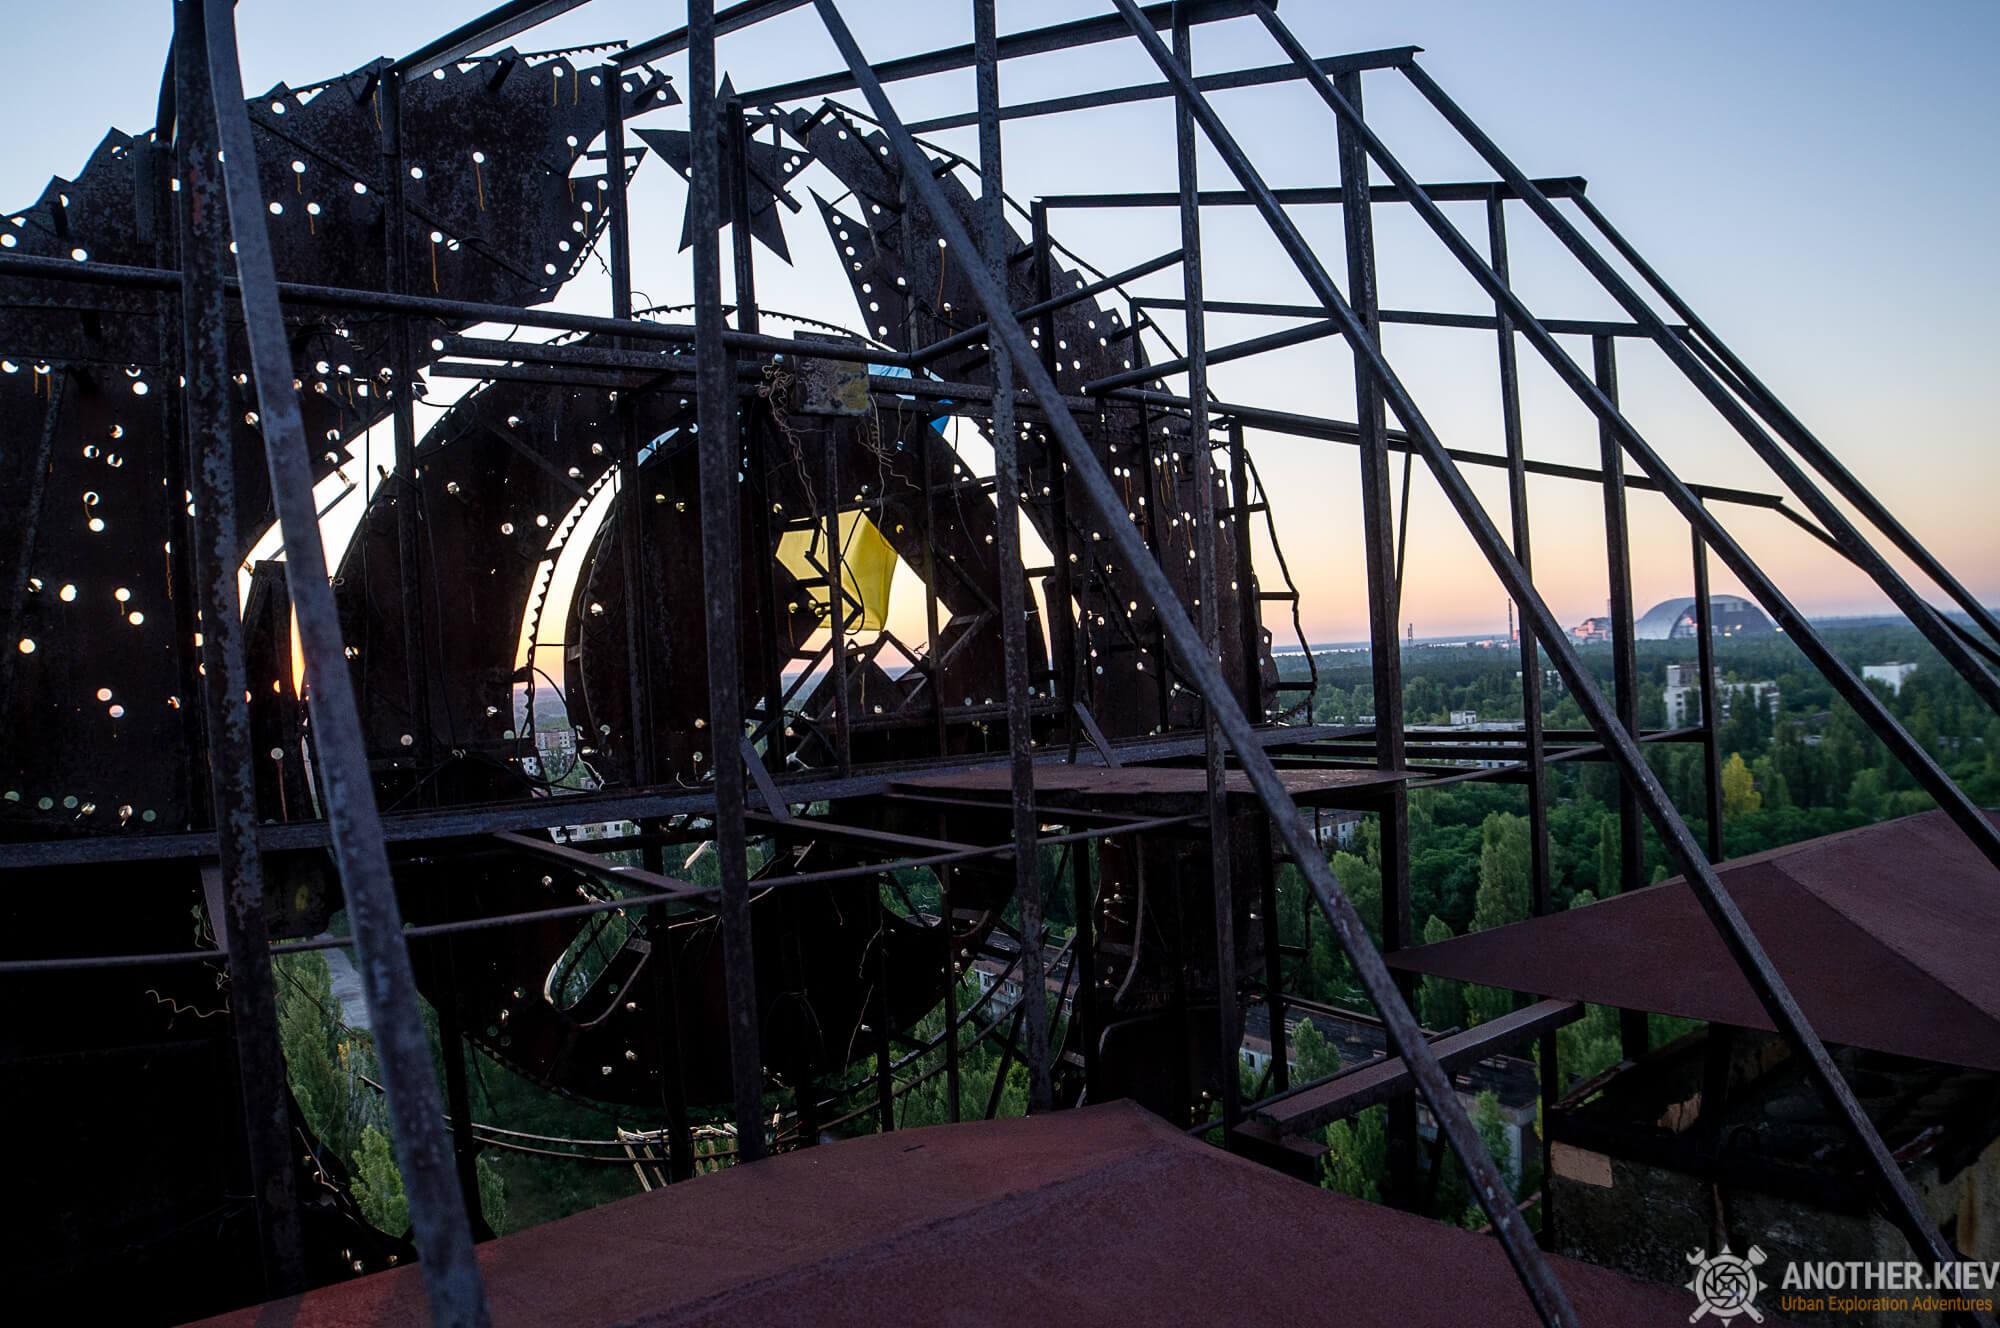 stalker-tour_IGP1286 CHERNOBYL EXPLORATION TOUR